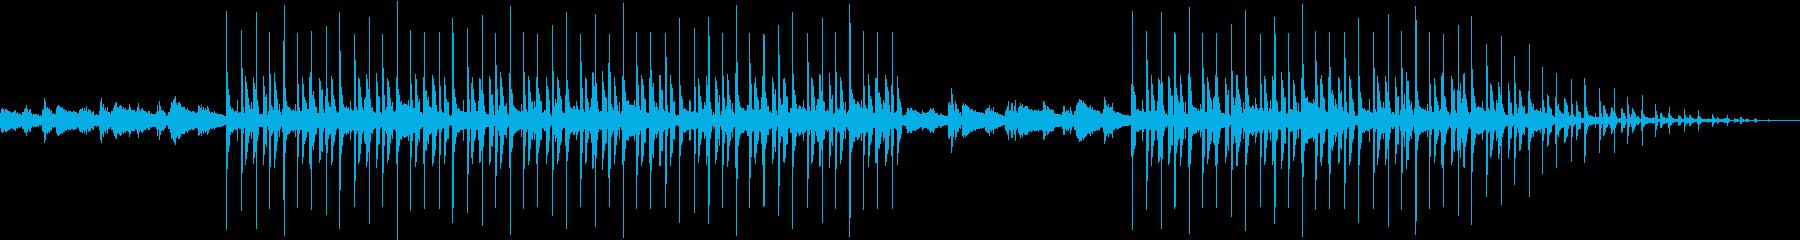 リラックスタイムにあうローファイの再生済みの波形